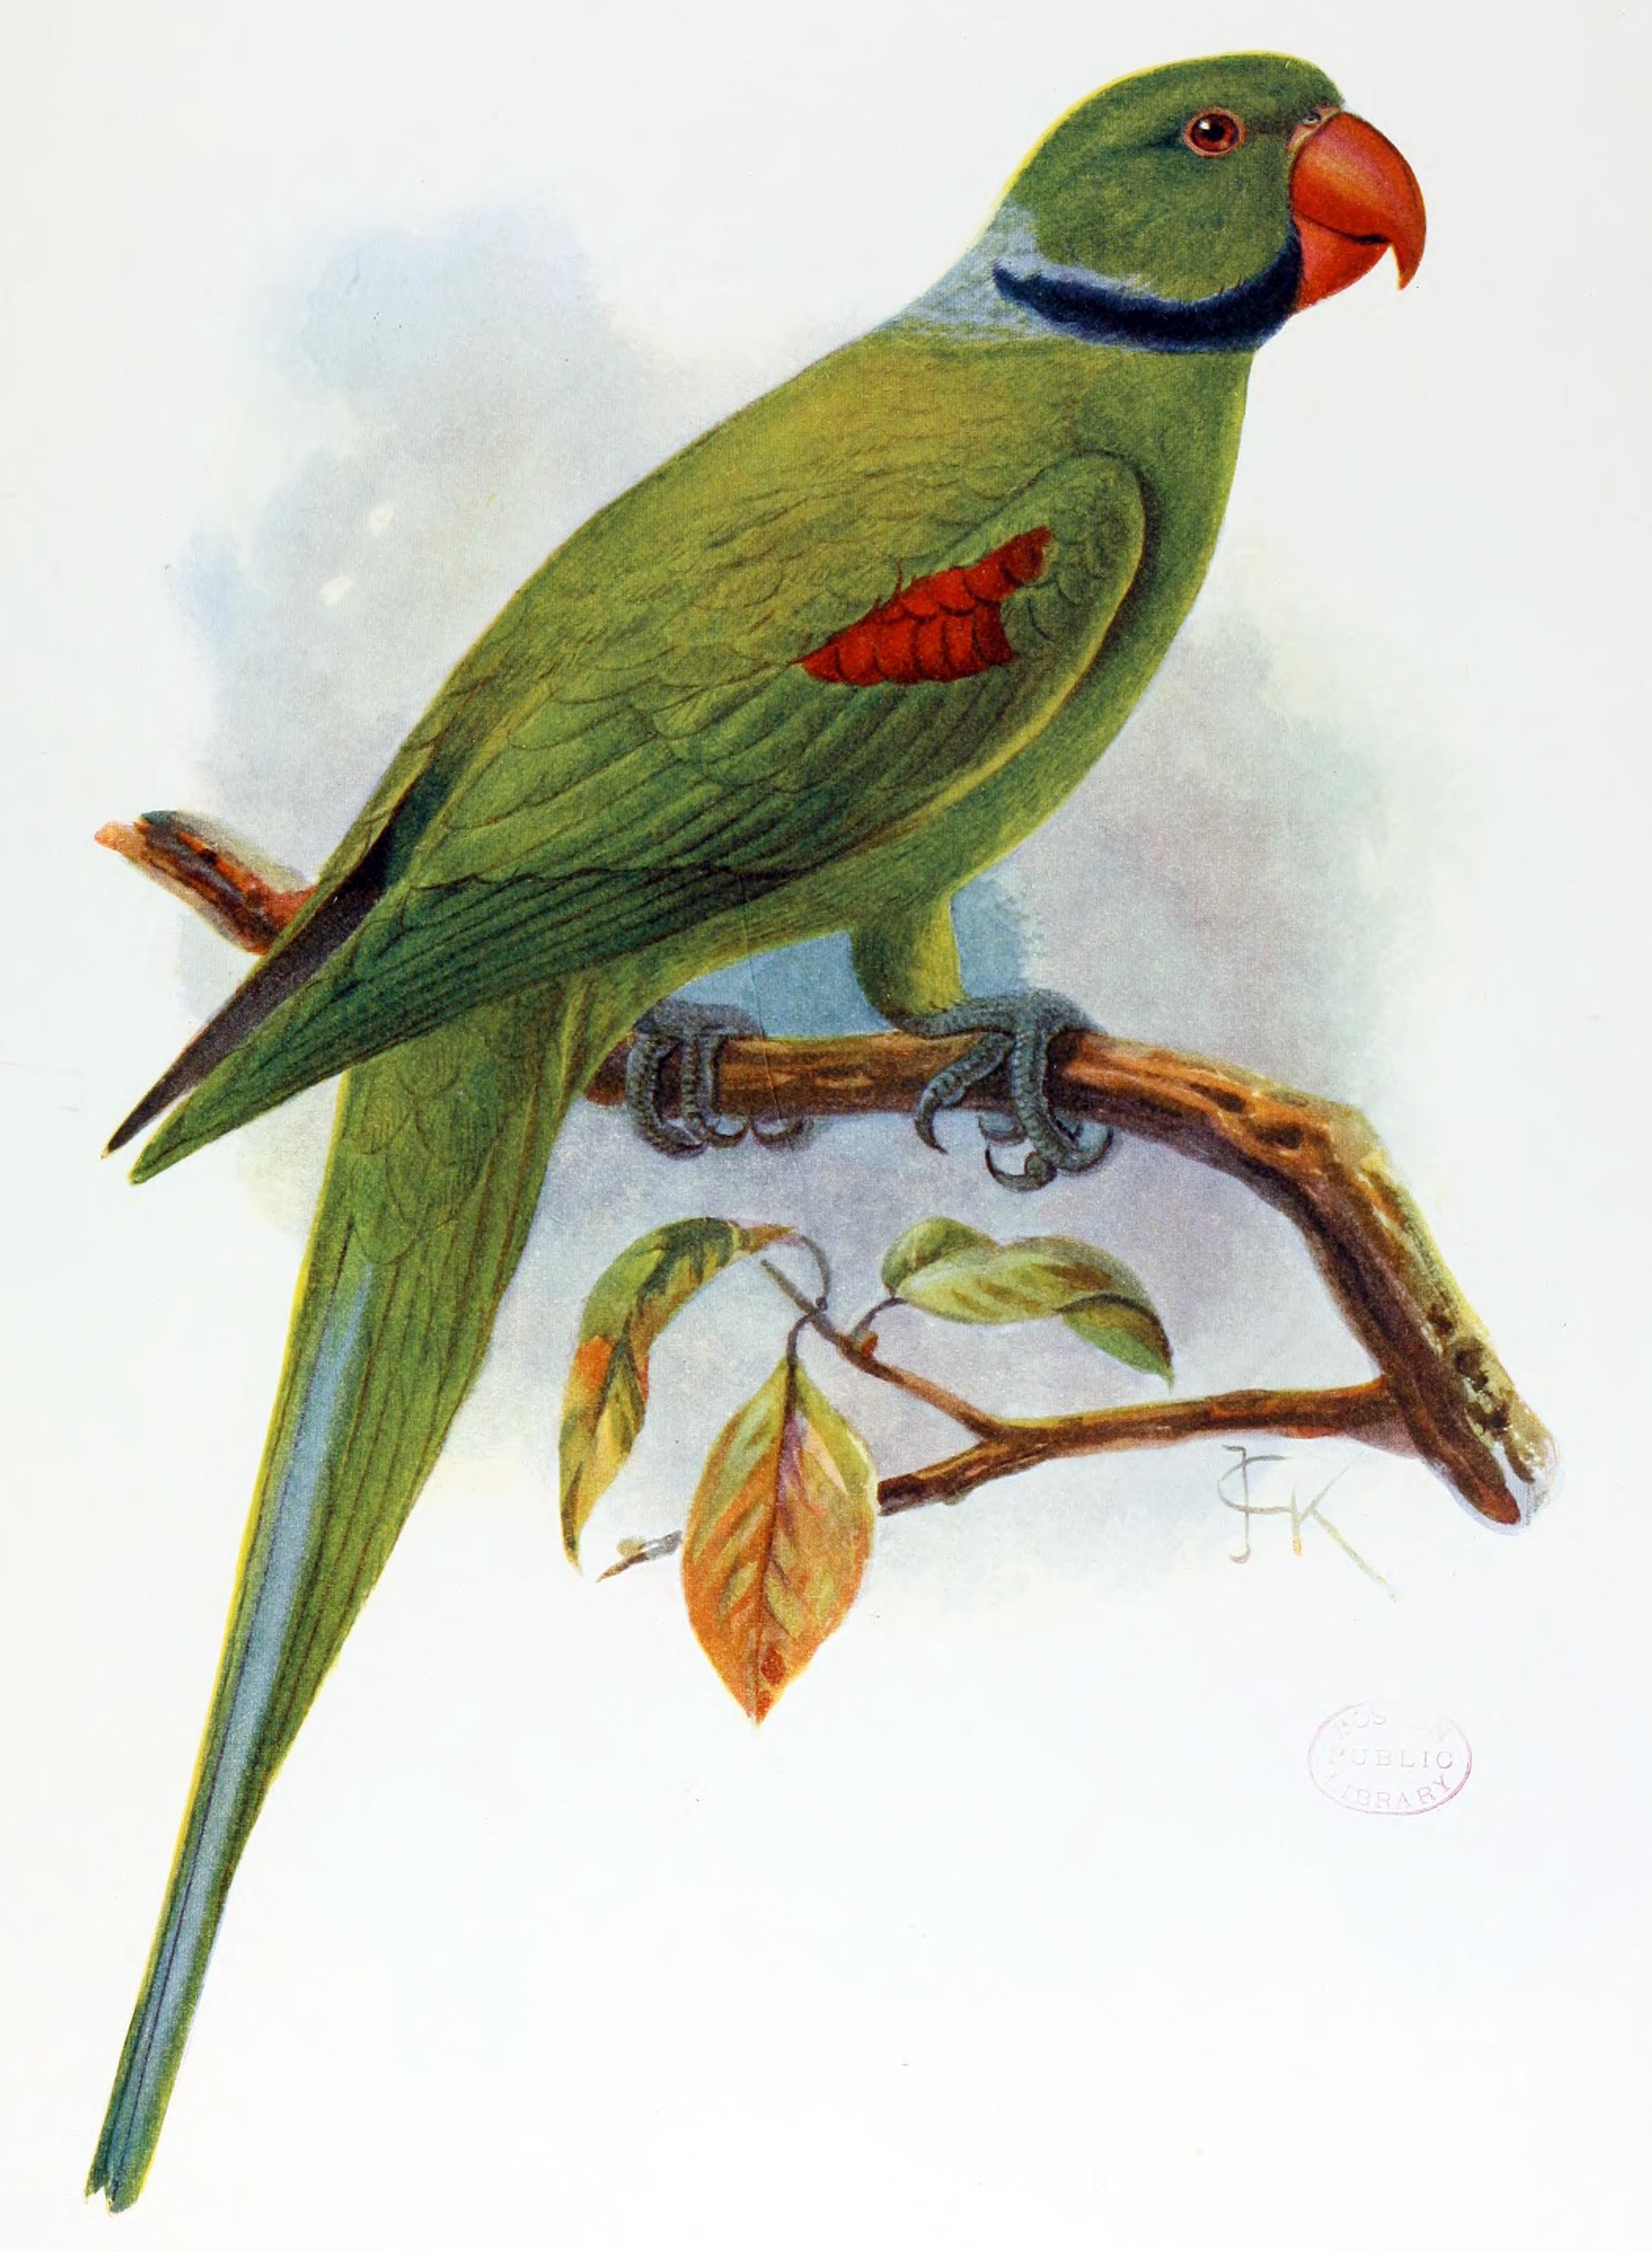 Вымершие и уничтоженные виды попугаев и других птиц Psittacula.wardi.jgk